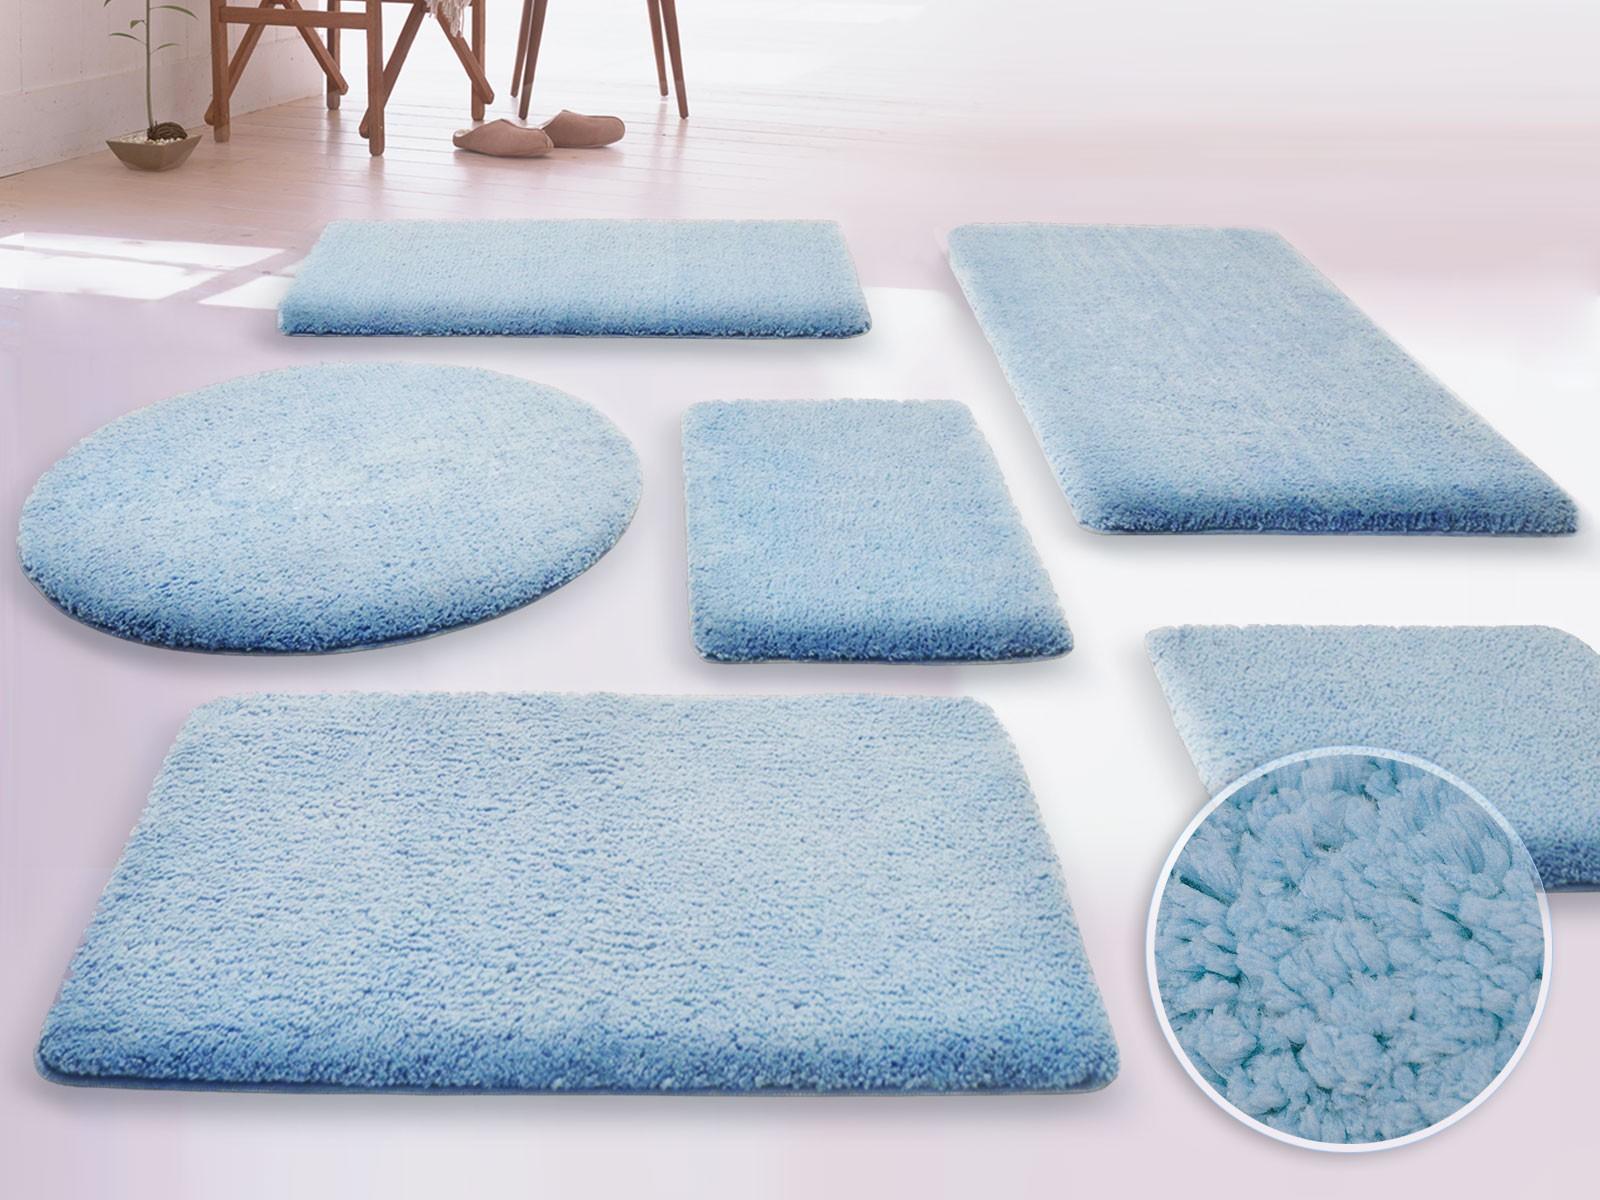 Bathroom rugs for decor